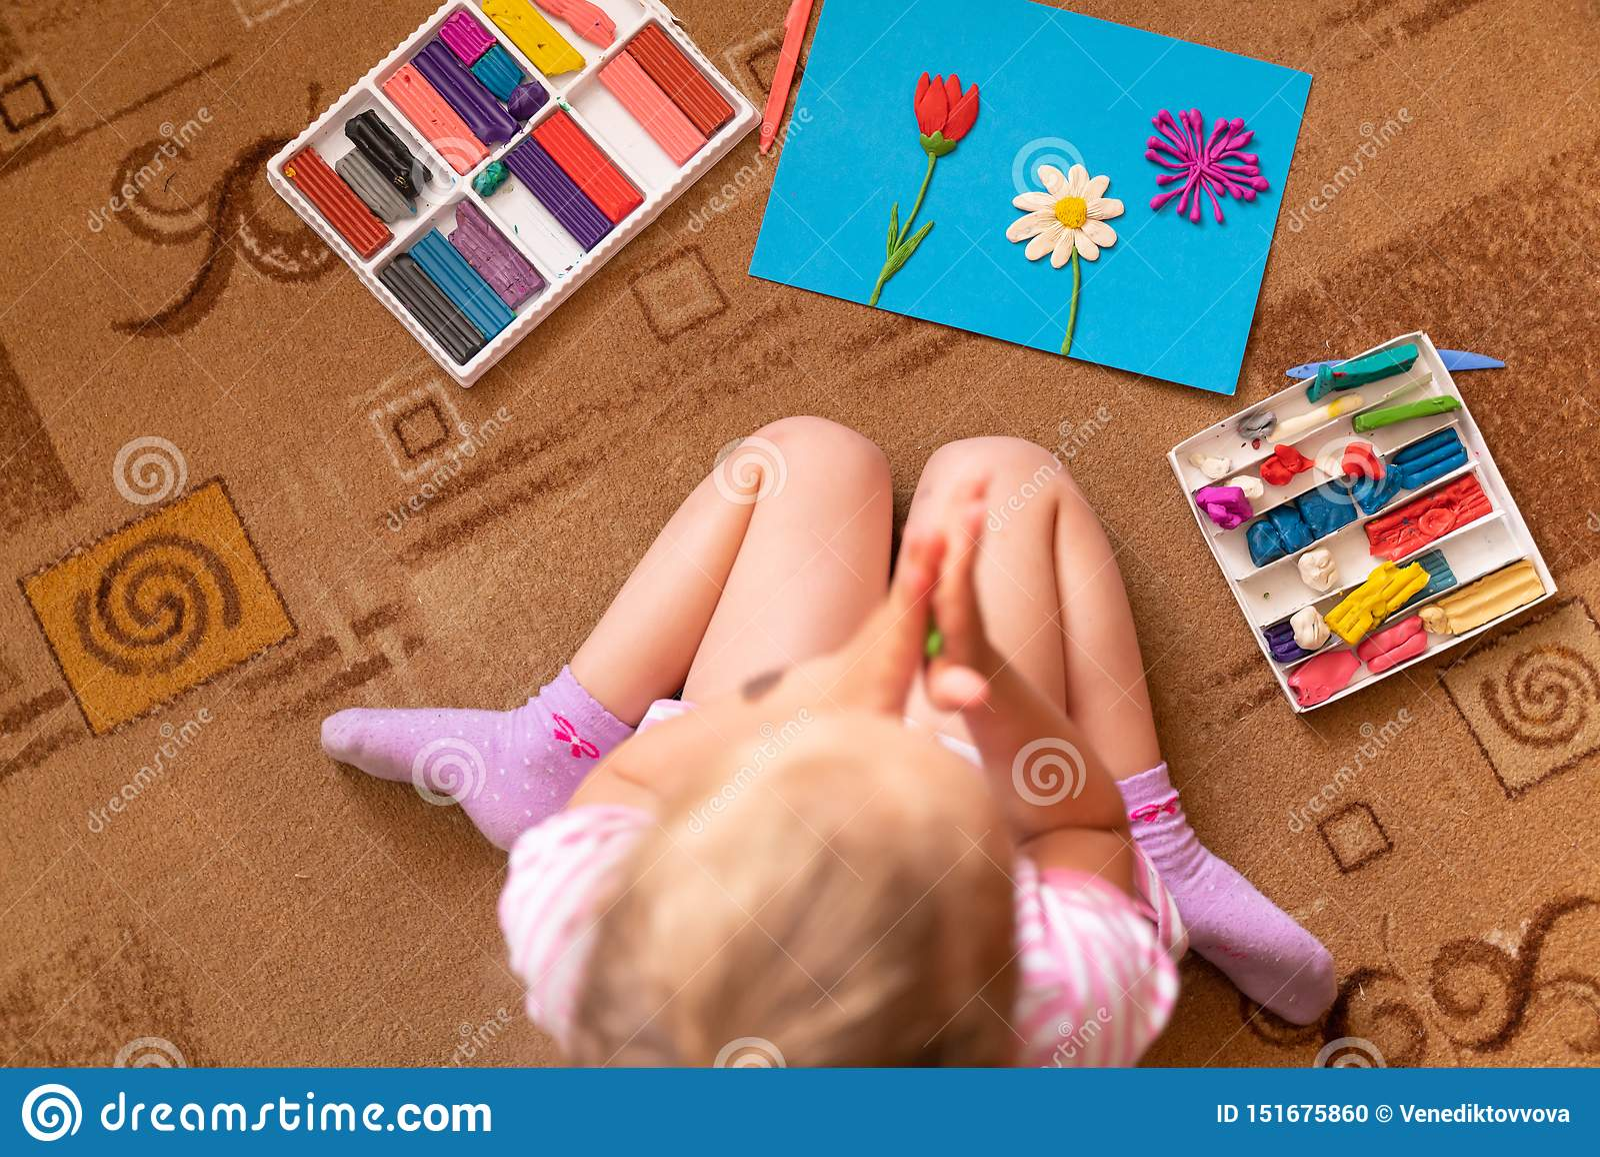 Una bambina gioca e scolpisce da argilla modellistica del plasticine e lo sviluppo delle capacità motorie fini